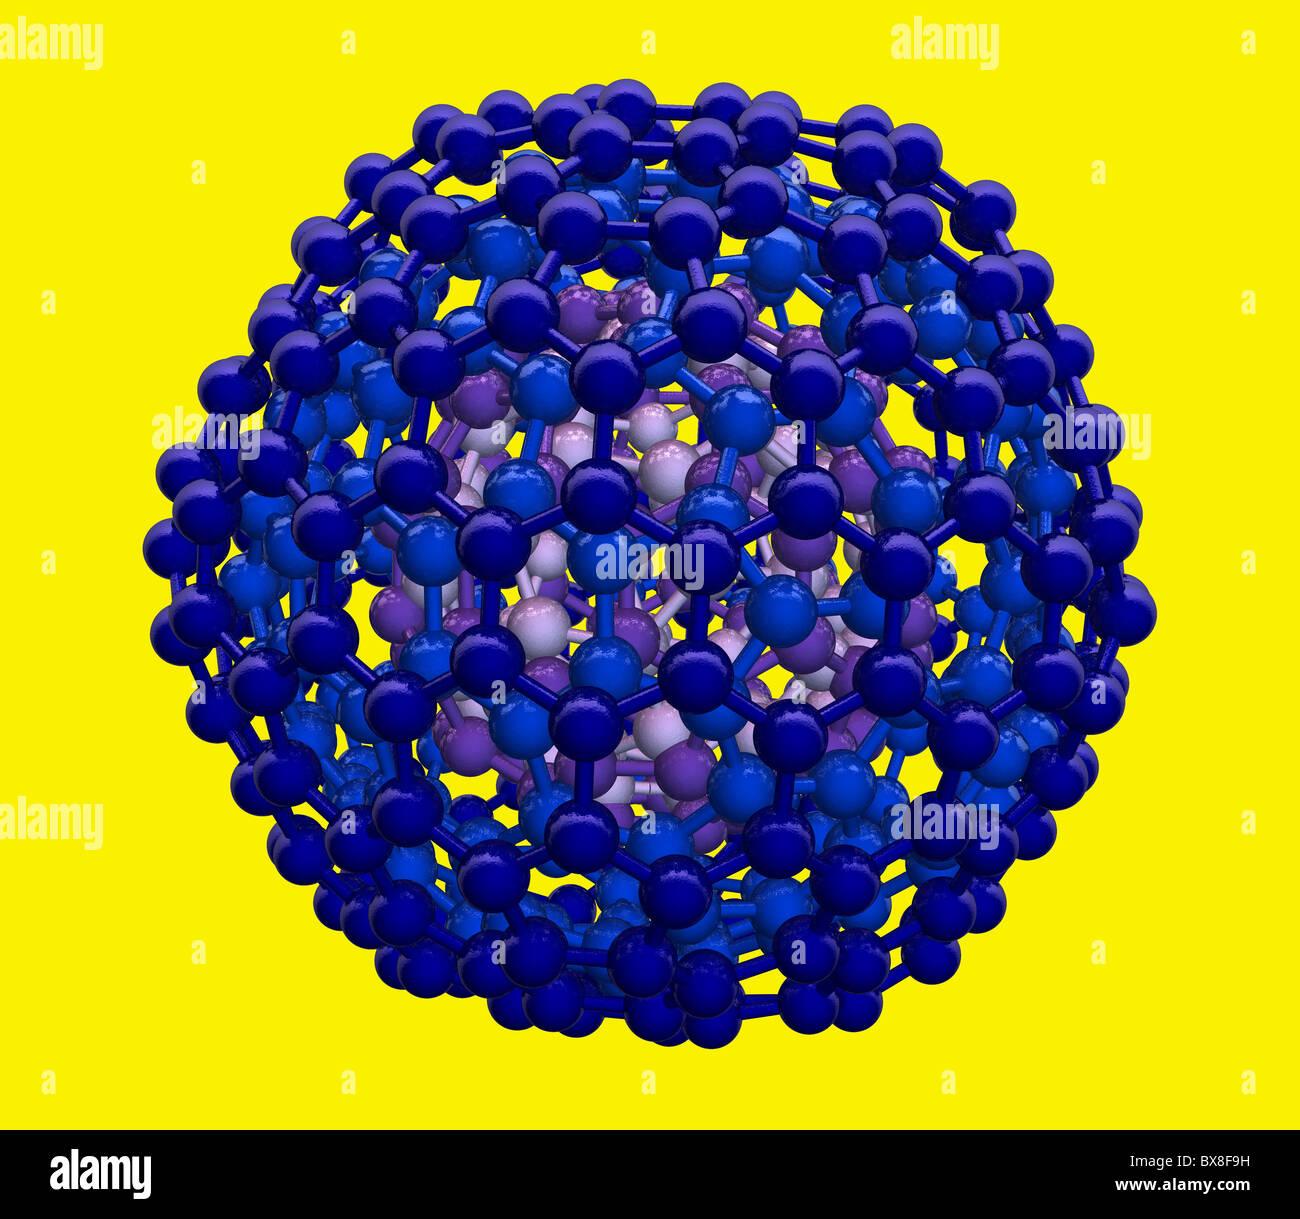 3D-Modell des verschachtelten Buckyball Moleküle Stockbild